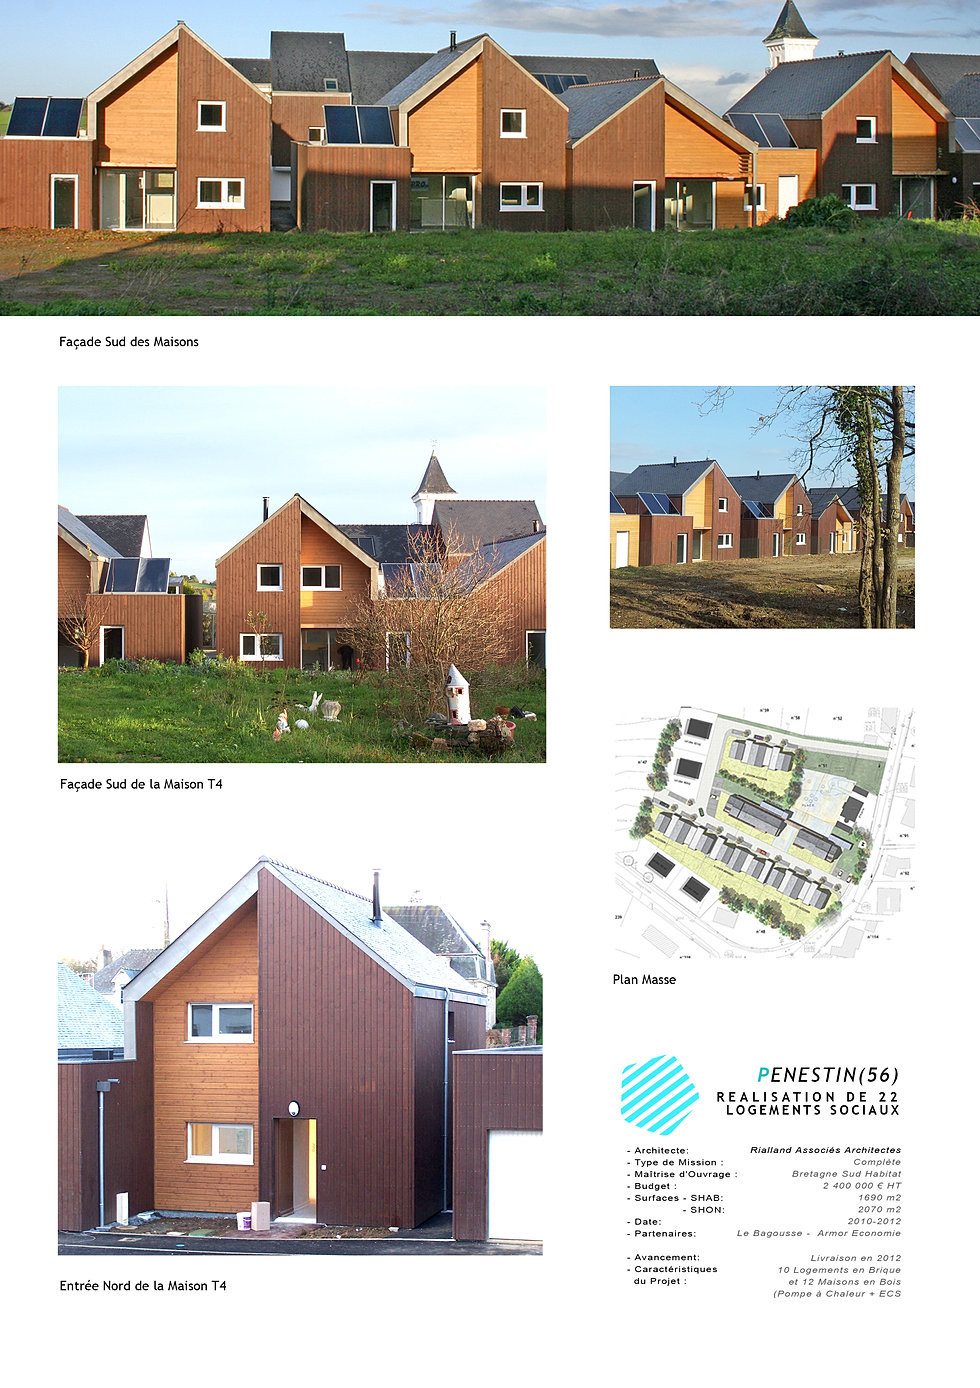 architecte lorient maisons extensions p nestin 12 maisons. Black Bedroom Furniture Sets. Home Design Ideas